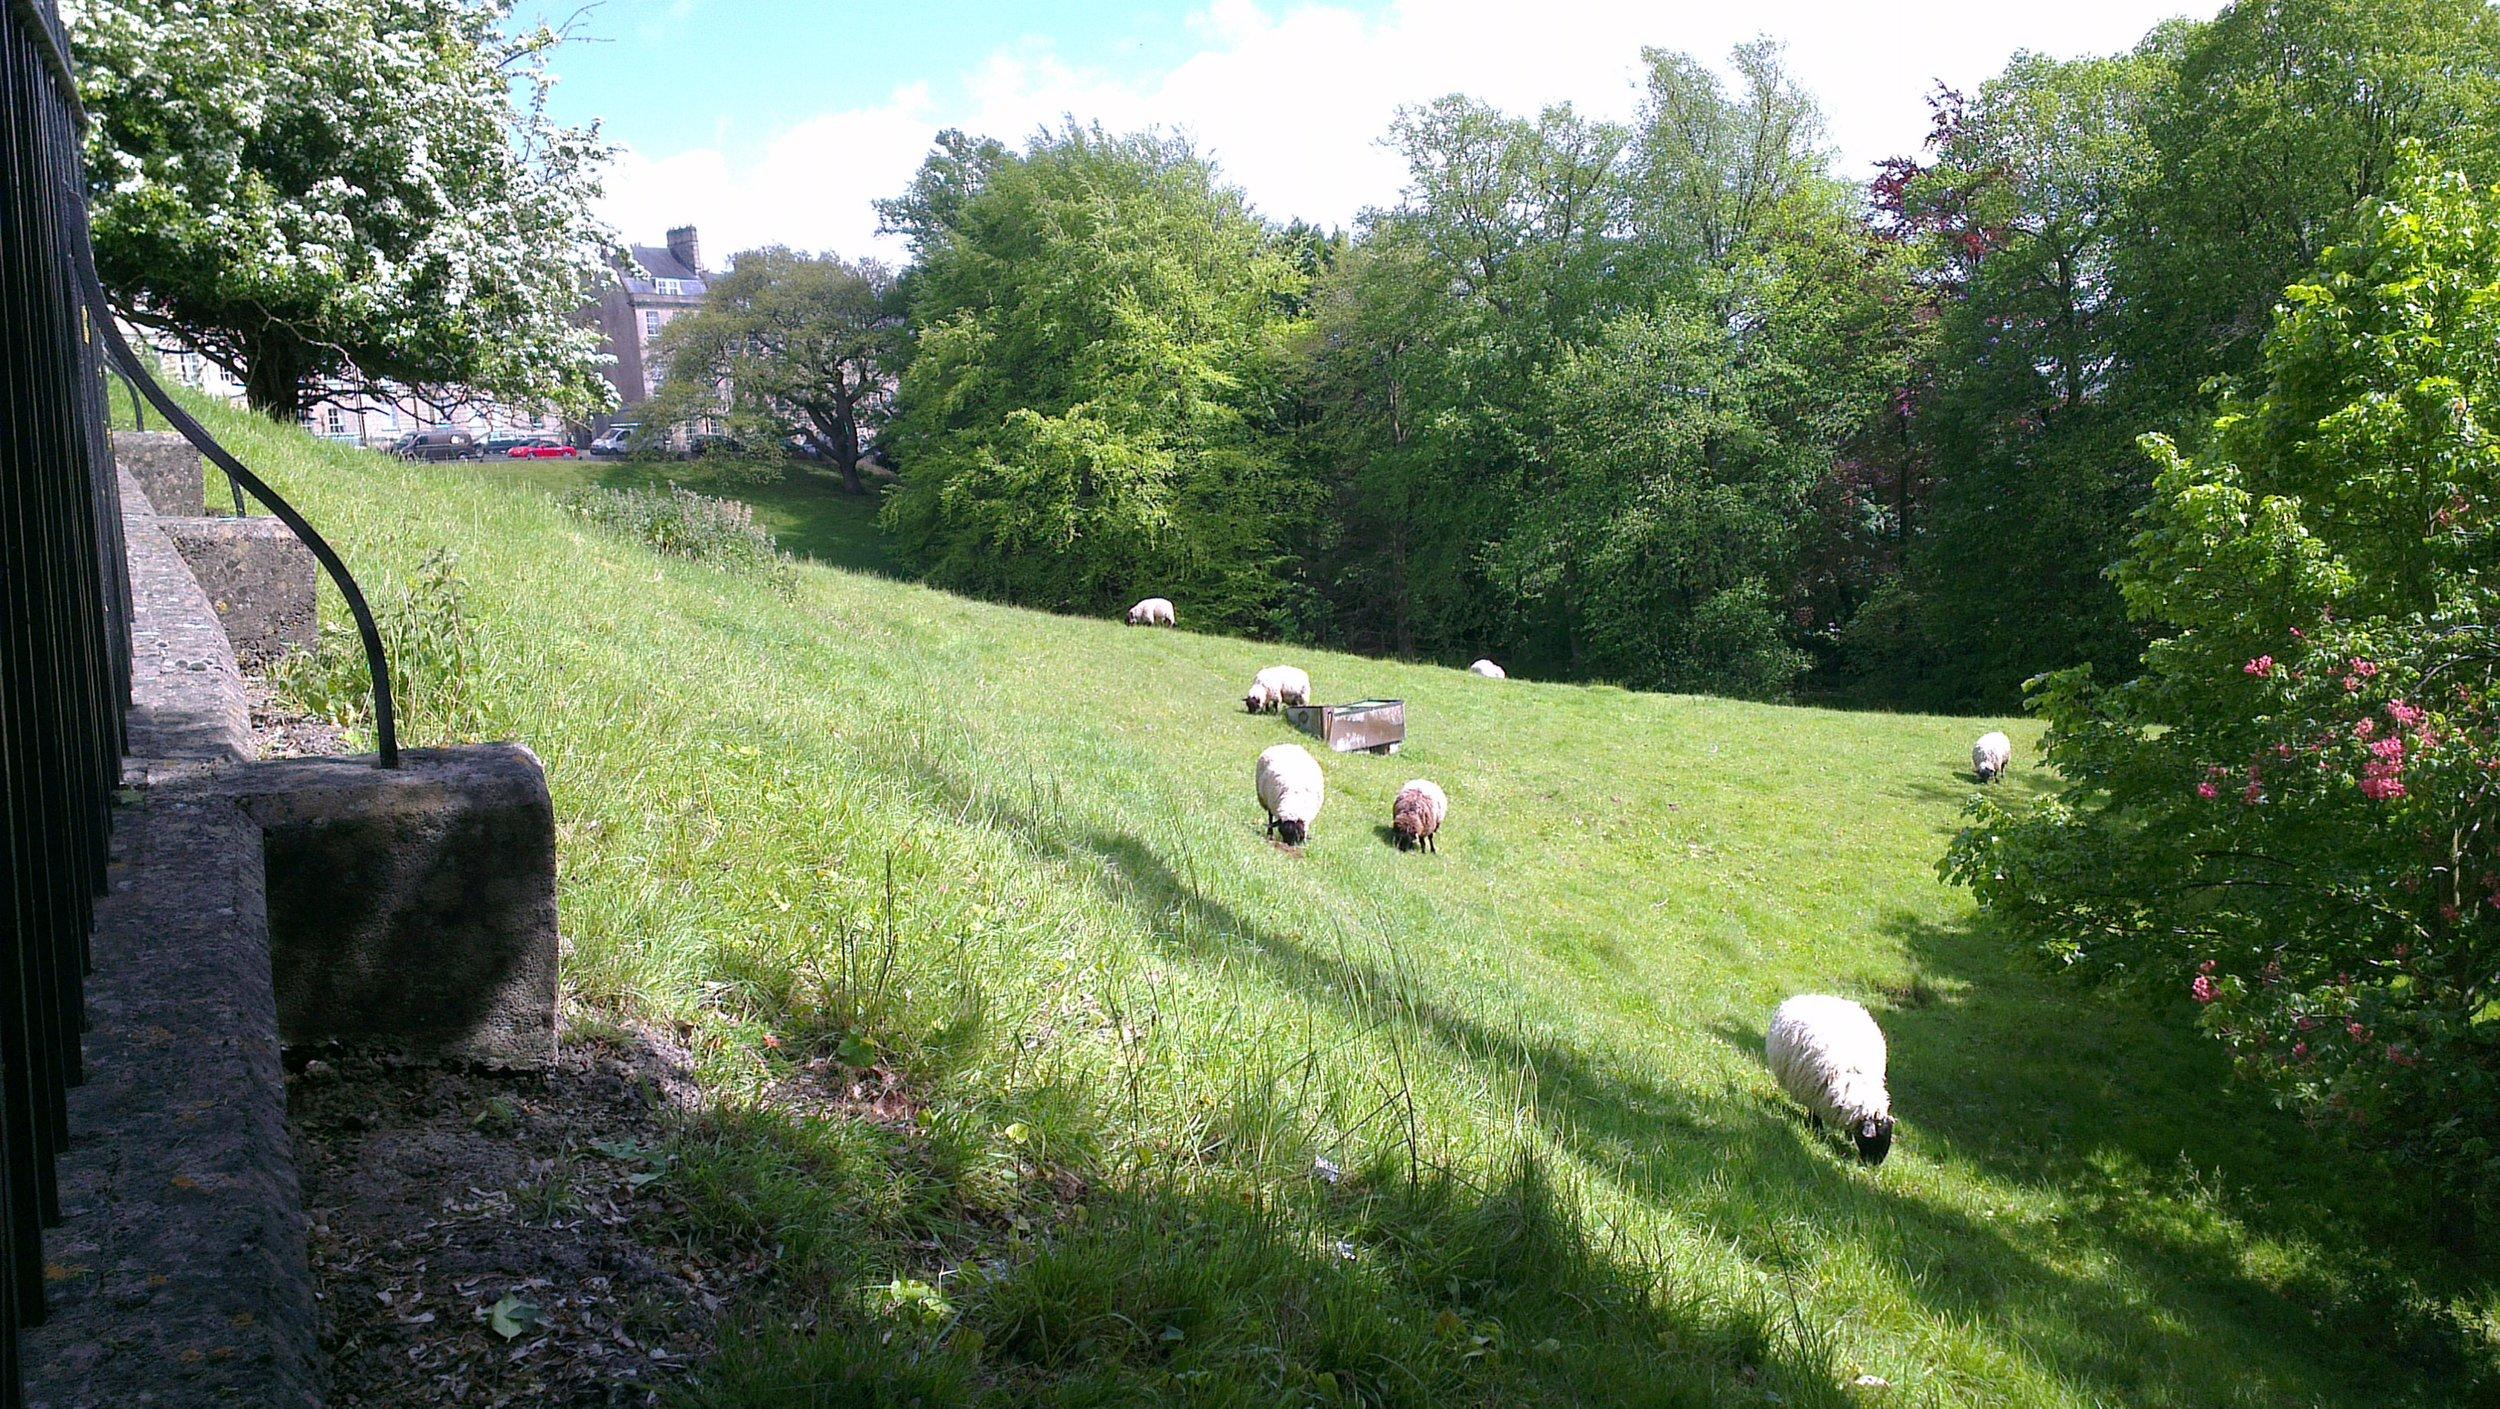 A sheep's eye view, 18 May 2015